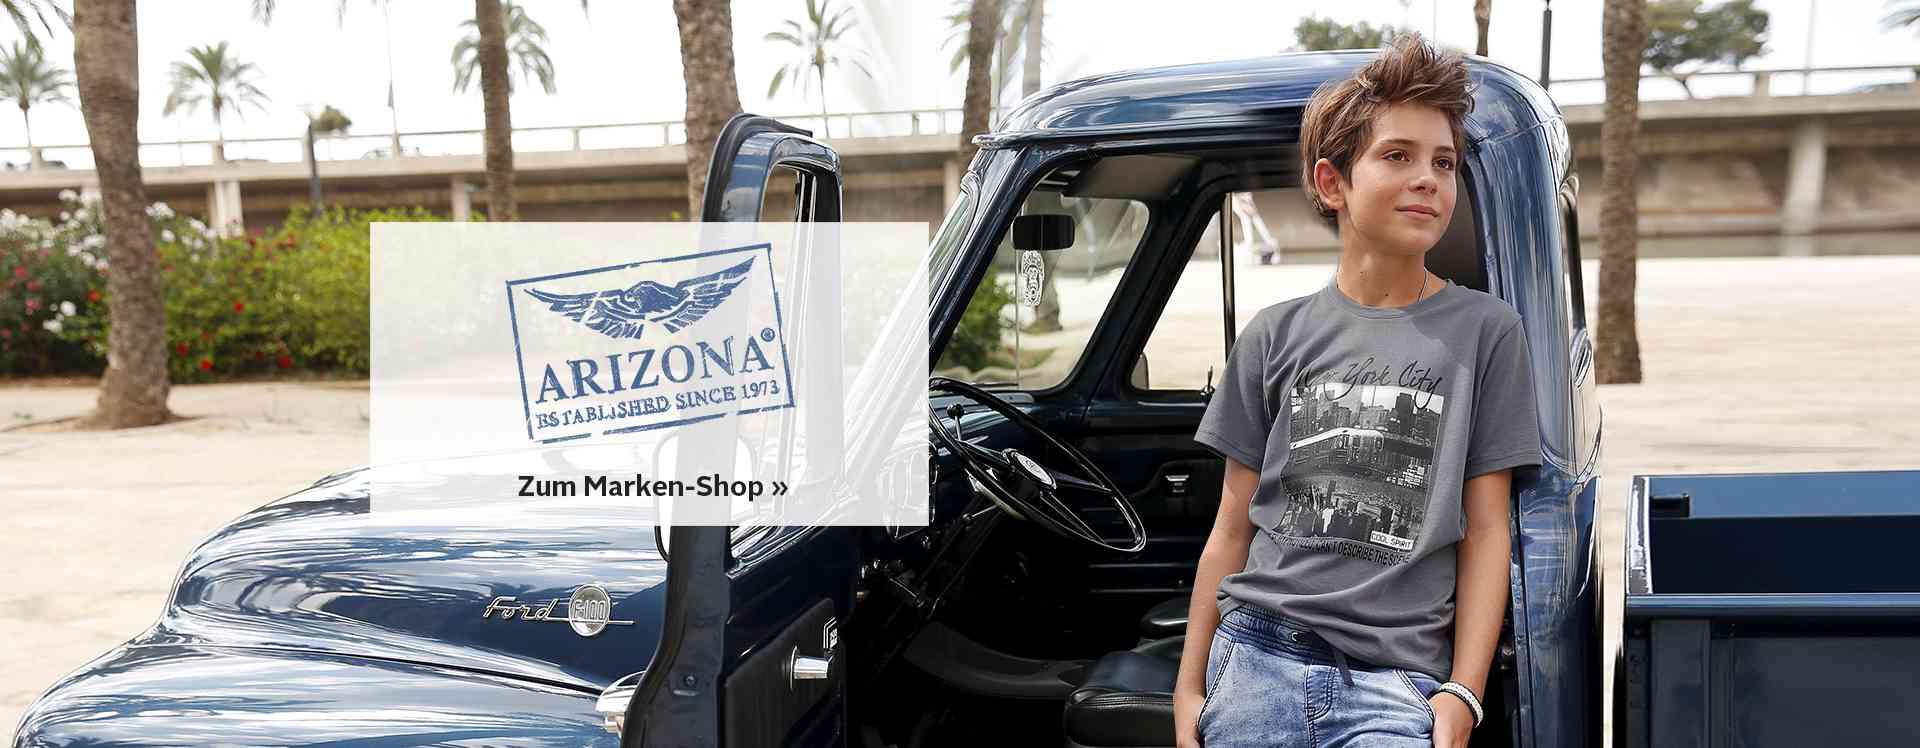 Zur Jungenmode von Arizona.